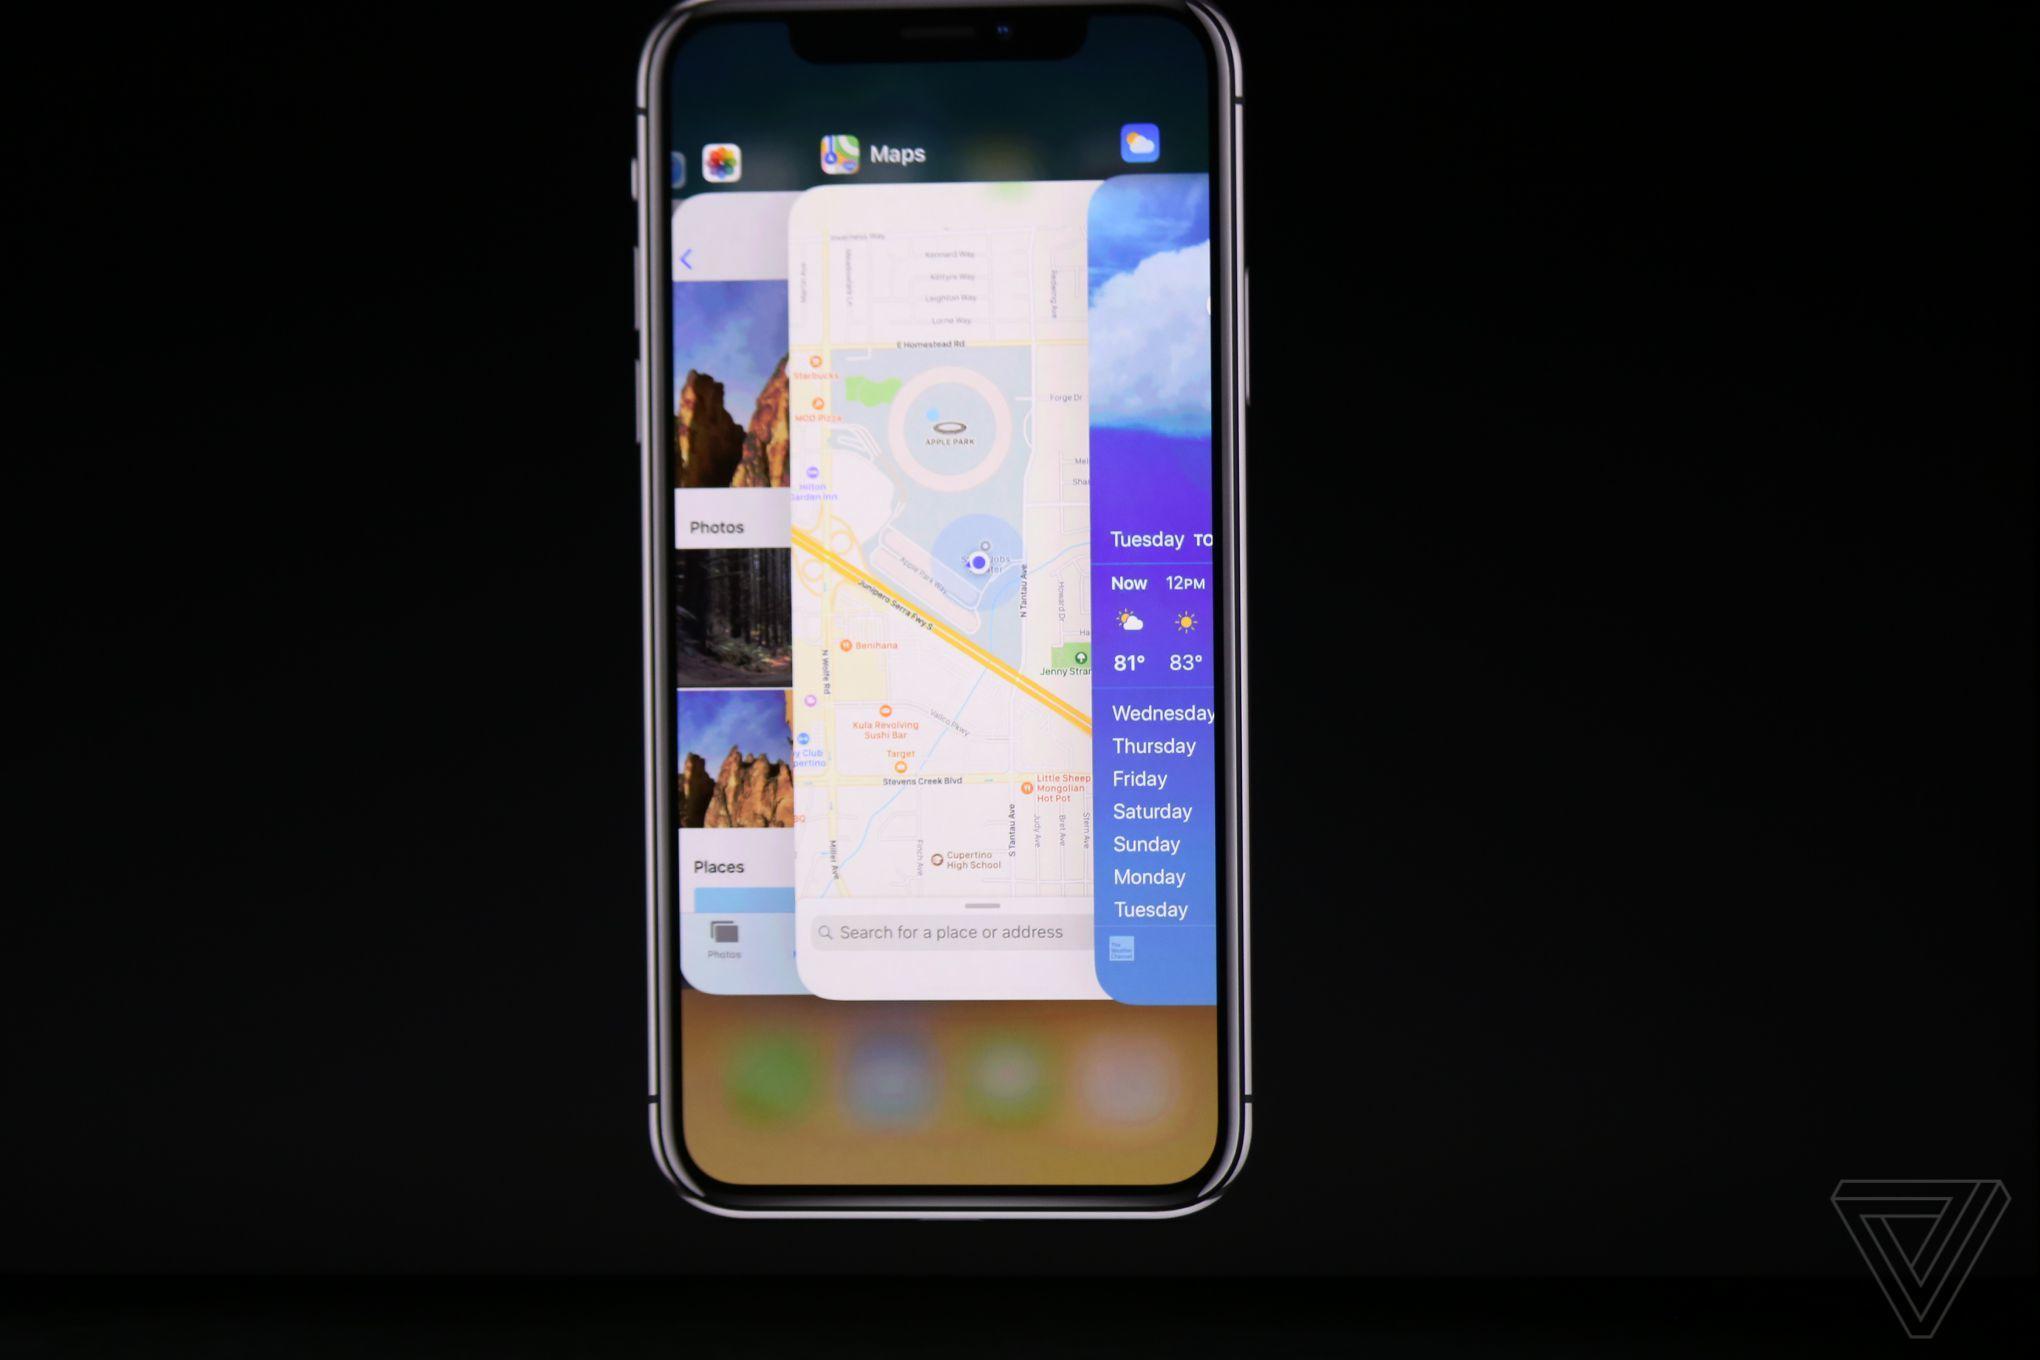 iPhone X cu Maps